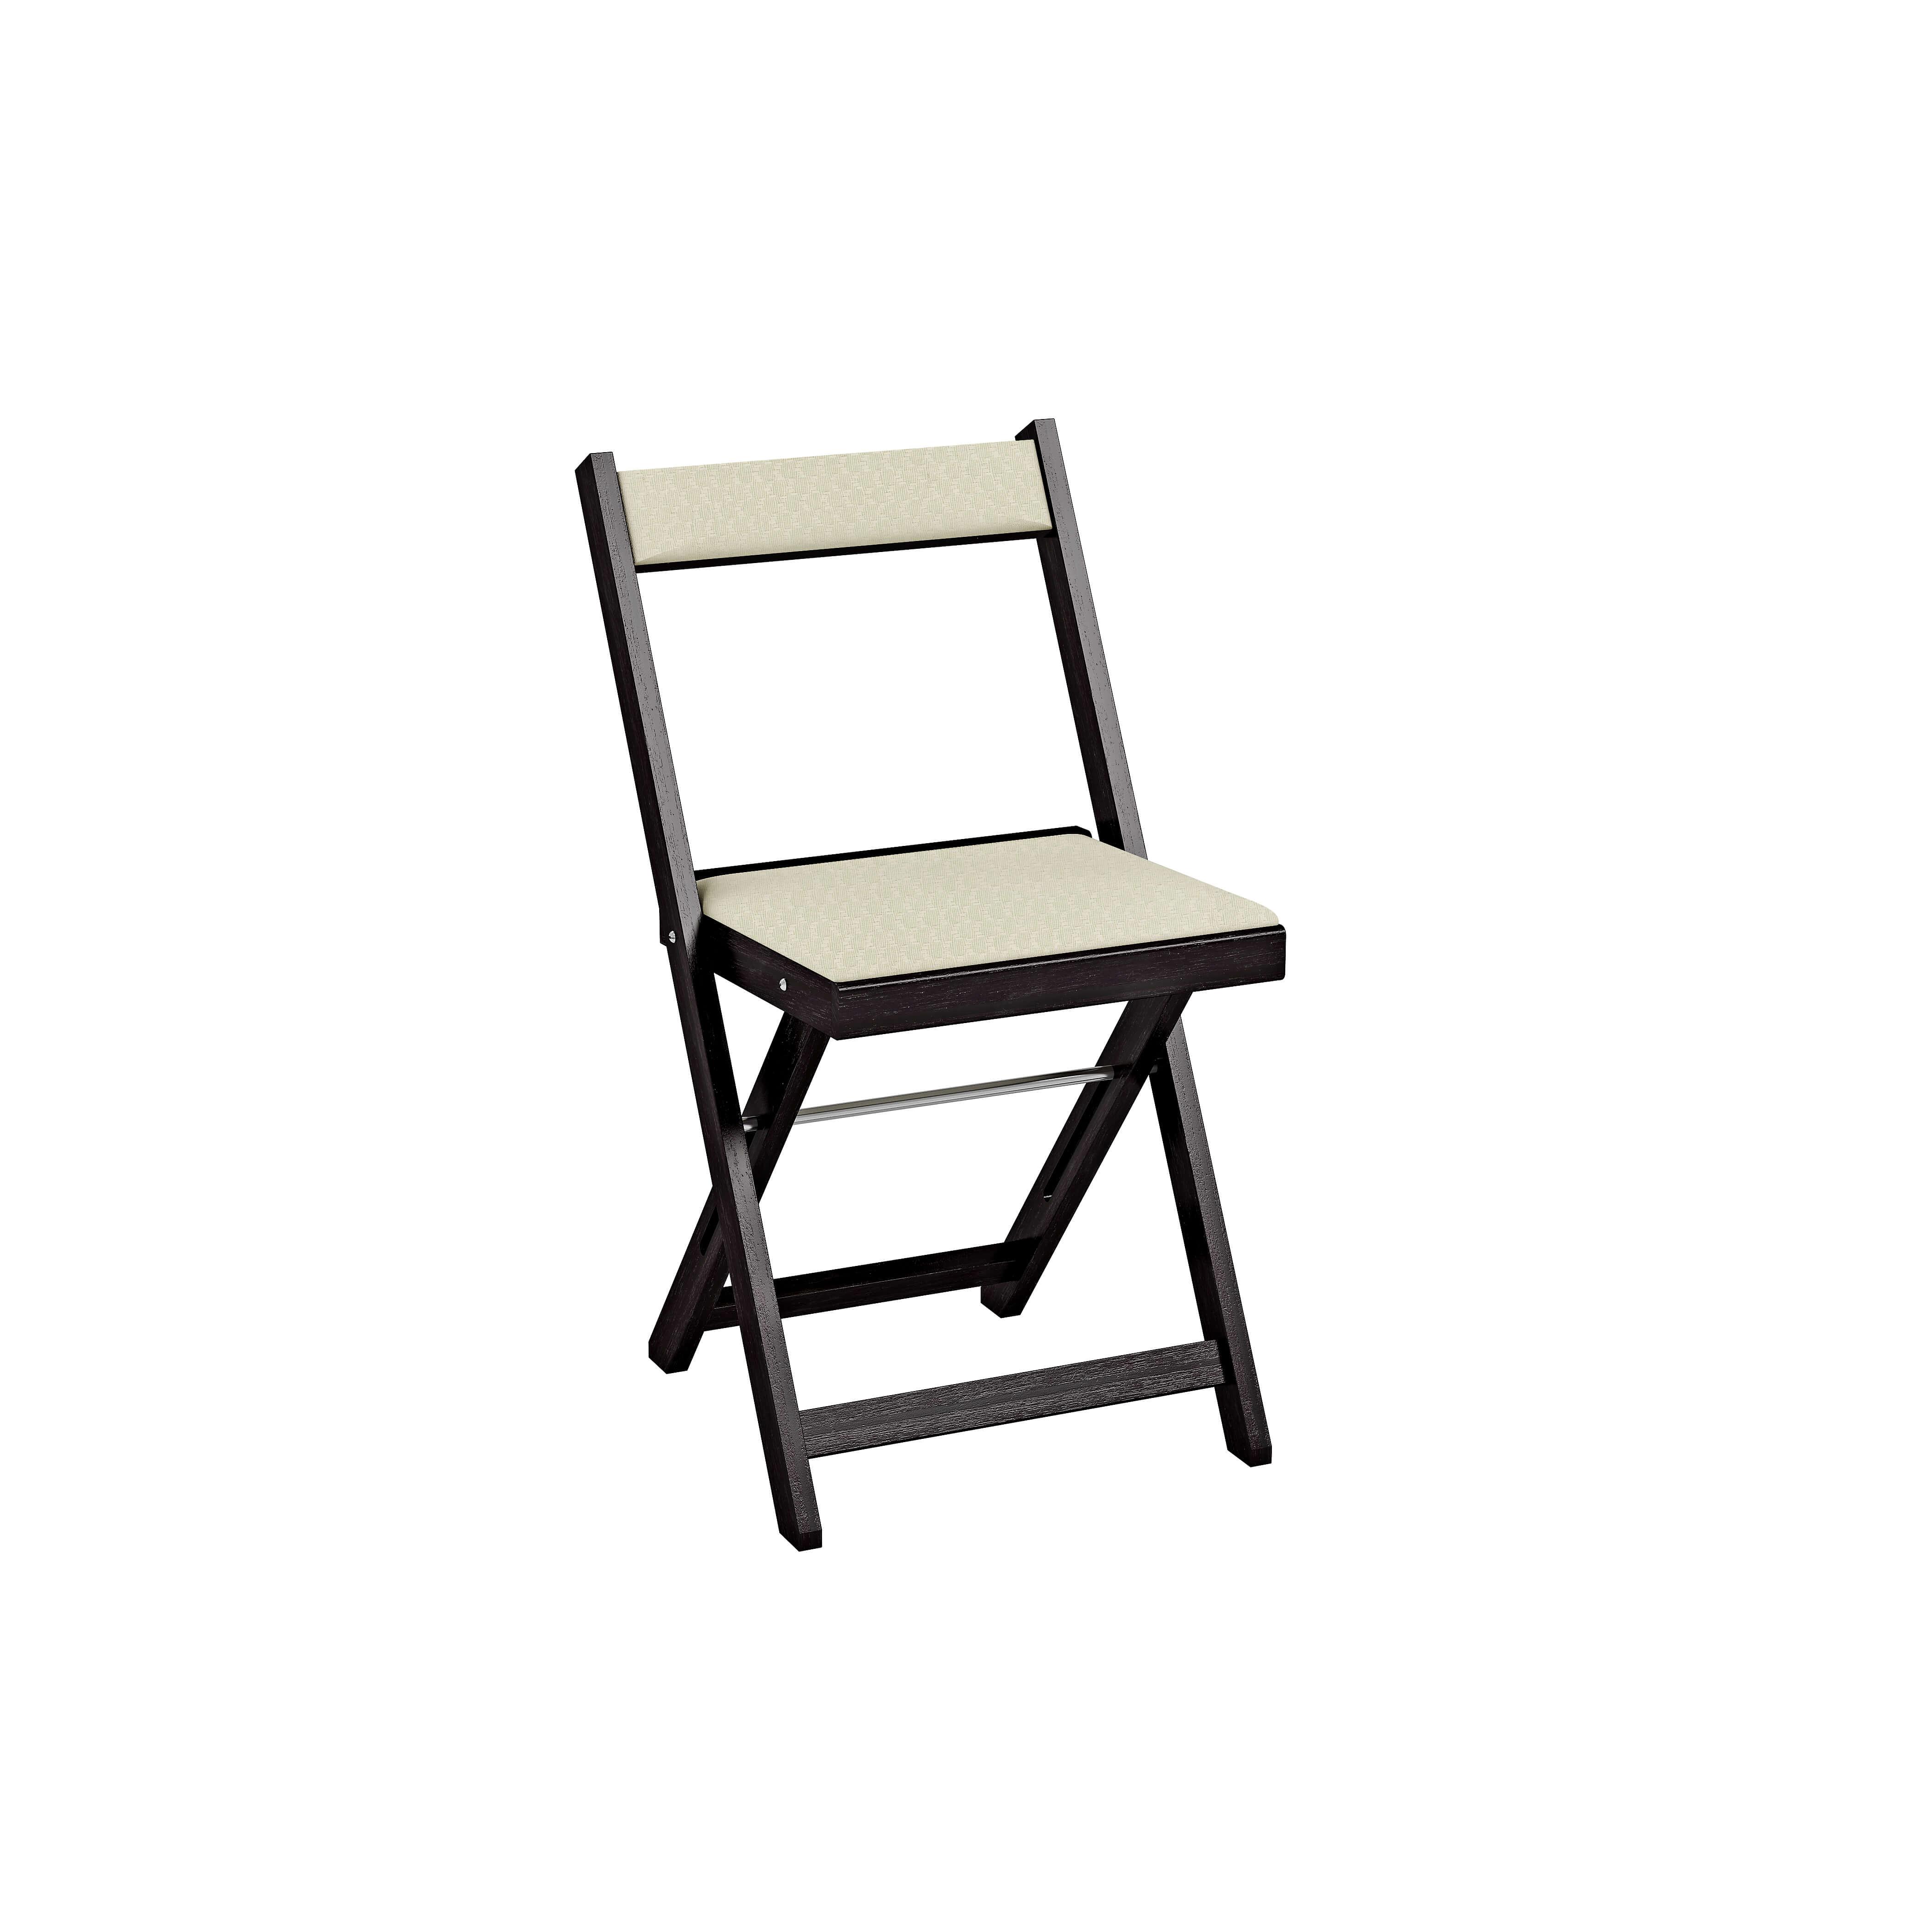 Cadeira Dobrável Estofada - Tabaco - Creme REF: 2003 Largura:   Comprimento: